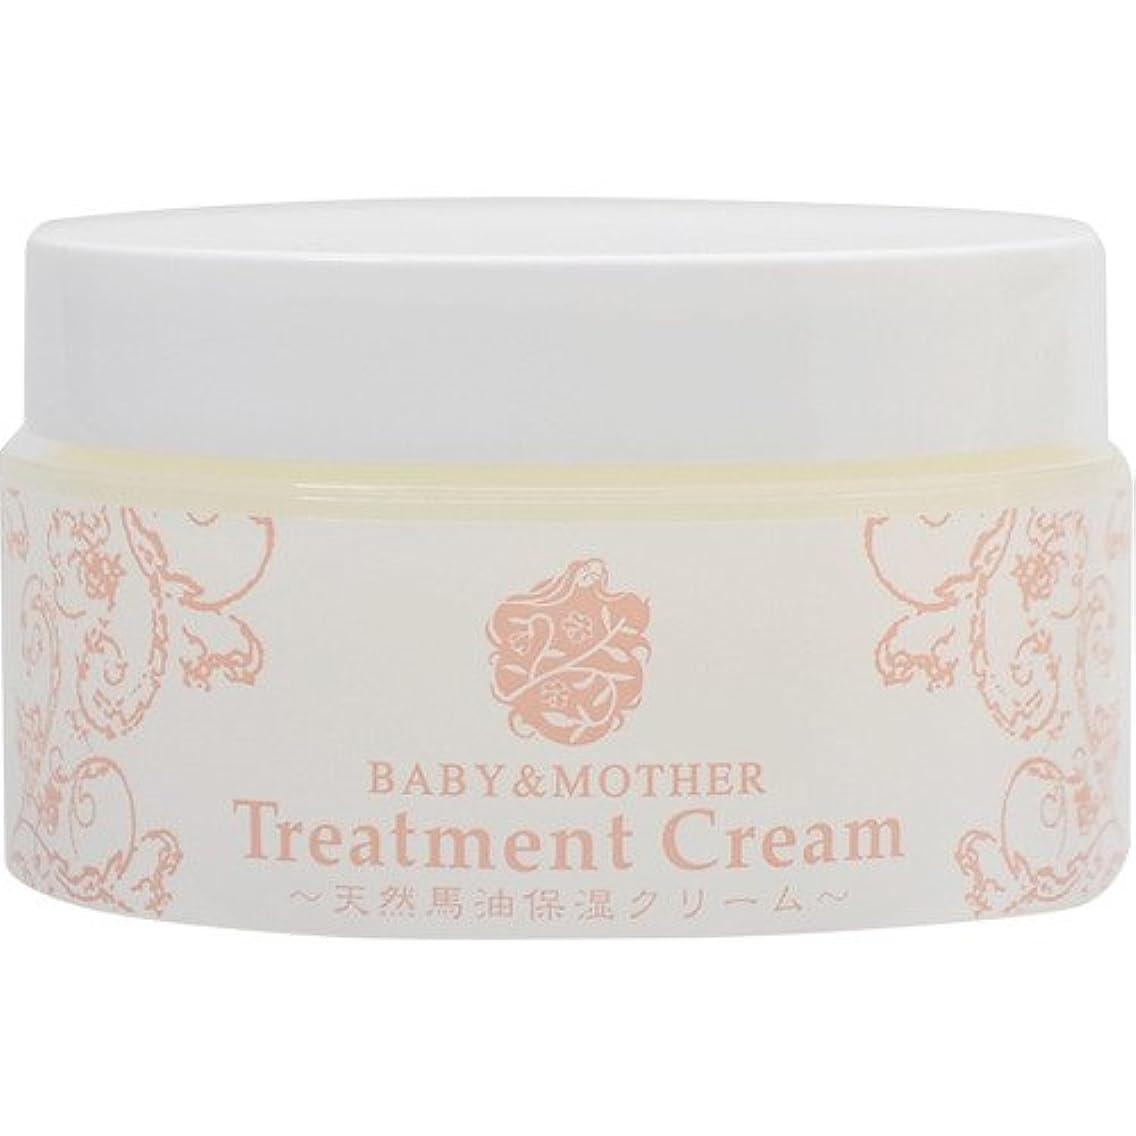 スパーク筋肉の解明BABY&MOTHER Treatment Cream 天然馬油保湿クリーム 80g